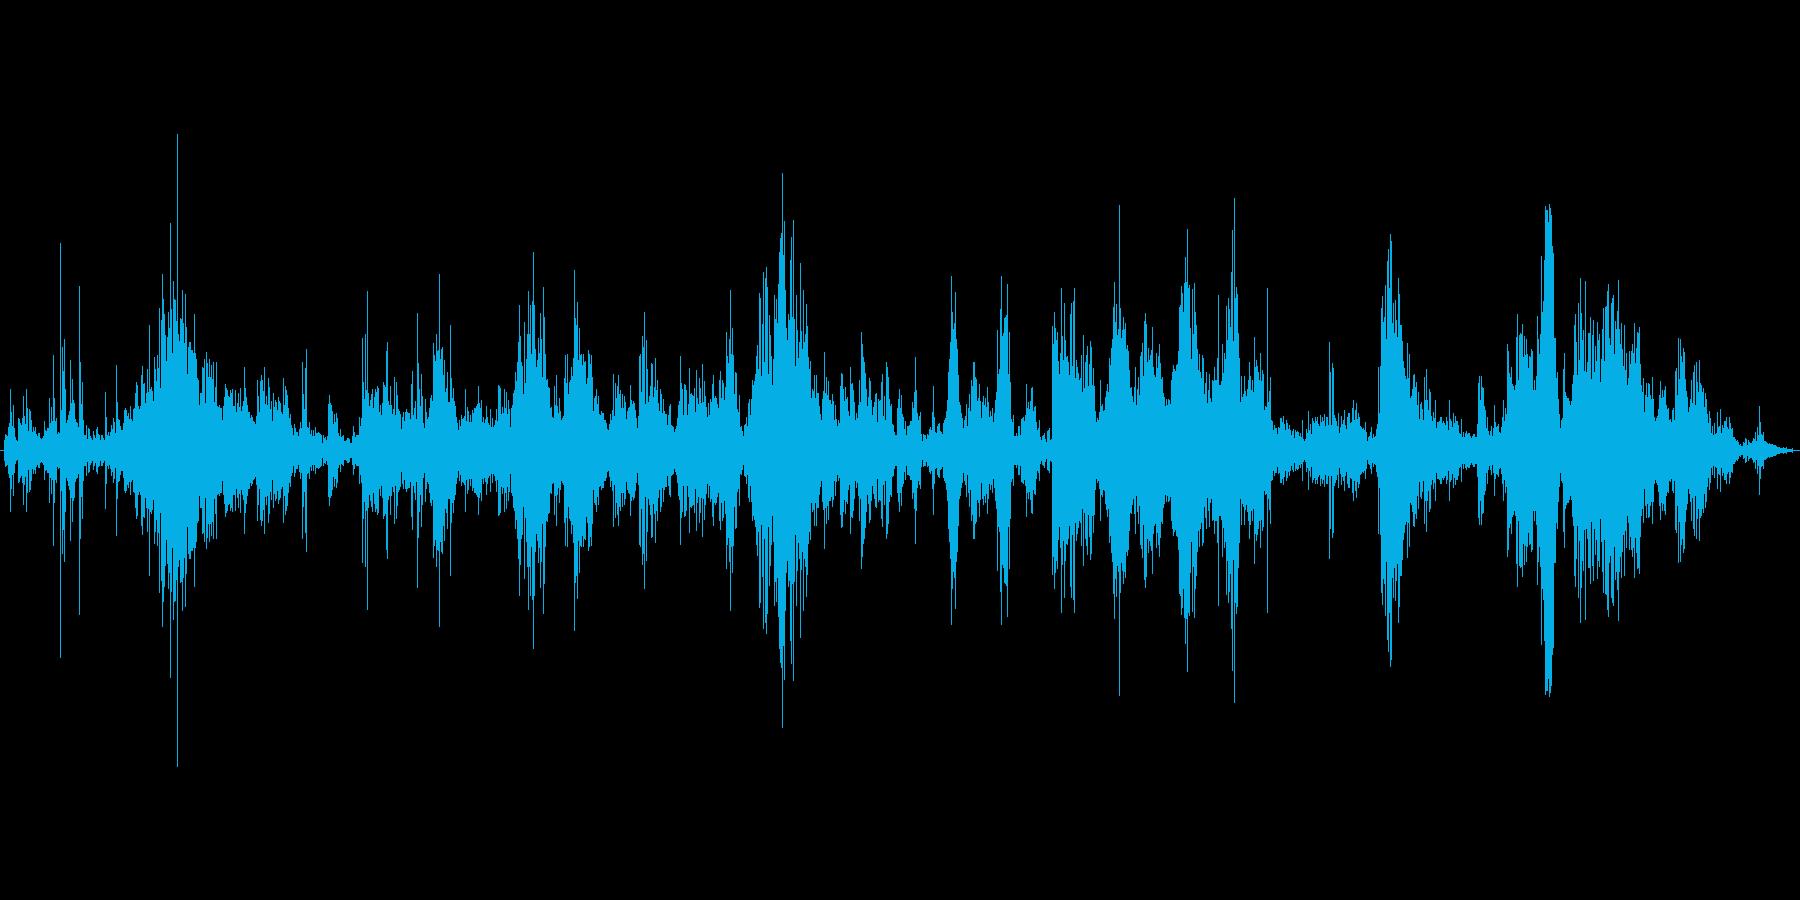 (がつがつ何かを食べる音)の再生済みの波形